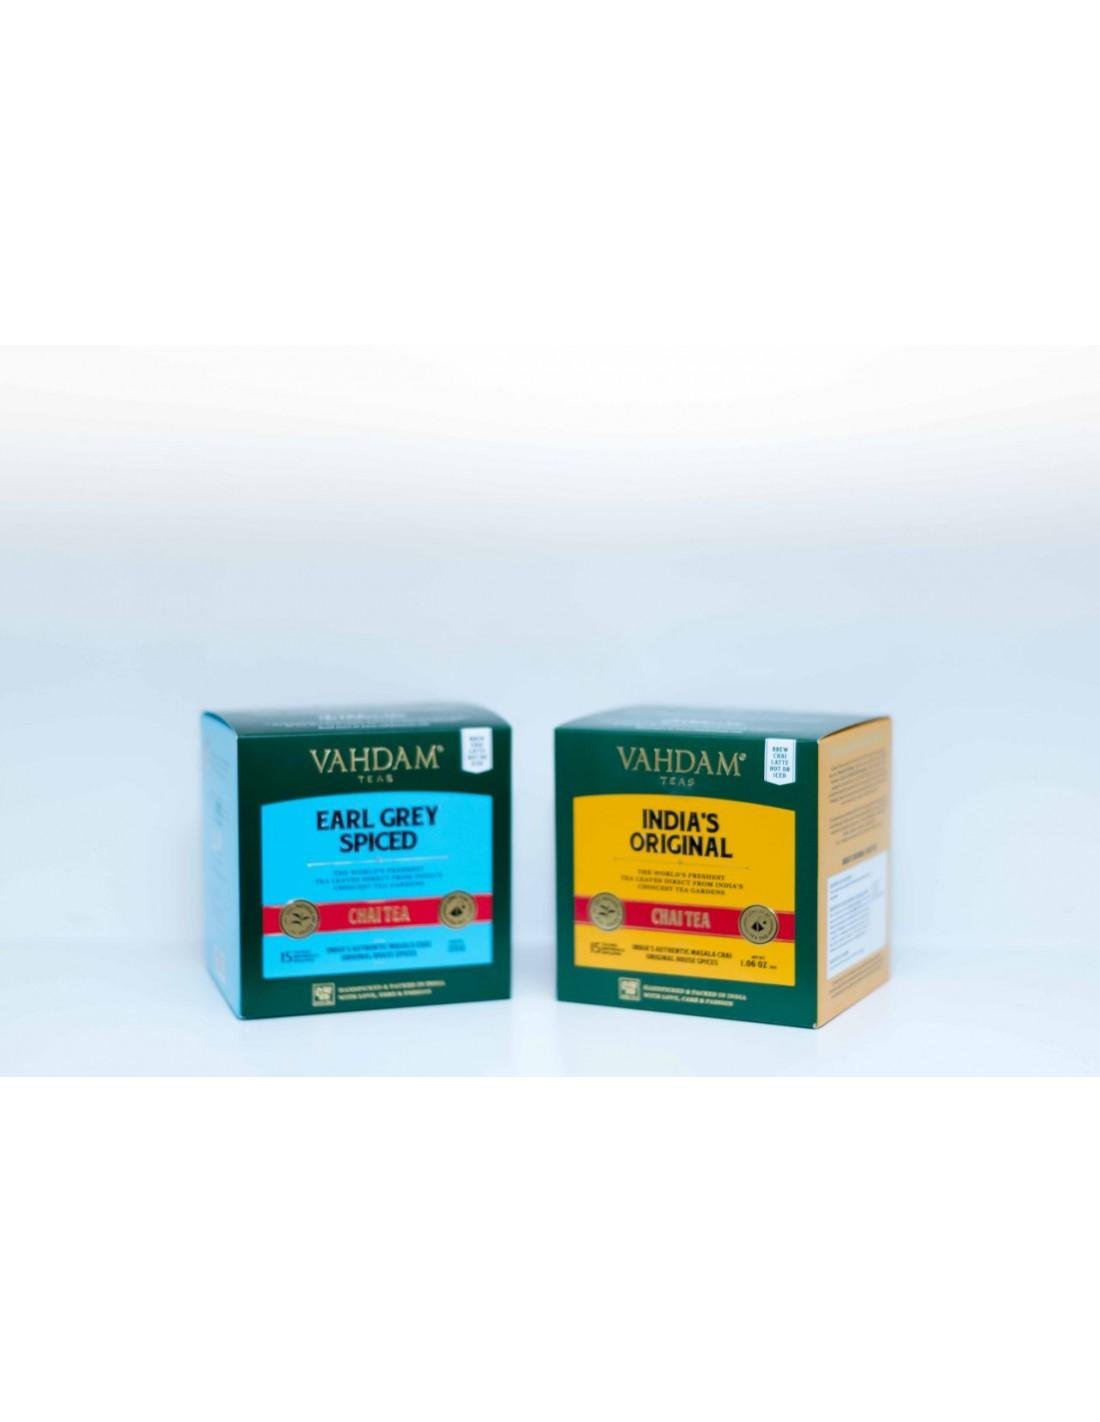 Kultowa, tradycyjna indyjska mieszanka Assam CTC z mnóstwem aromatycznych przypraw indyjskich, w dwóch odsłonach India's Original Black Tea - herbata czarna 86%, kardamon 4%, cynamon 3%, czarny pieprz 4%, goździki 3% Earl Grey Spiced Chai Tea - herbata czarna Assam 85%, naturalny ekstrakt z bergamotki 2%, kardamon 4%, cynamon 2,5%, czarny pieprz 3%, goździki 3,5% Temperatura wody: 90-100 C Czas parzenia: 3-5 minut Zawartość kofeiny: wysoka  India's Original Chai Tea to tradycyjna indyjska herbata, która zyskała ogromną popularność na całym świecie. Odkryj mocny aromat tak charakterystyczny dla herbat Assam CTC, dodatkowo wymieszanych ze świeżymi, aromatycznymi przyprawami indyjskimi, takimi jak kardamon, cynamon, czarny pieprz i goździki. Bardzo aromatyczna herbata, która łączy słodowe smaki herbaty Assam z egzotycznym zapachem i smakiem indyjskiego bazaru przyprawowego. Earl Grey Spiced Chai Tea to nowoczesna interpretacja tematu tradycyjnej indyjskiej herbaty Masala Chai - popisowy s